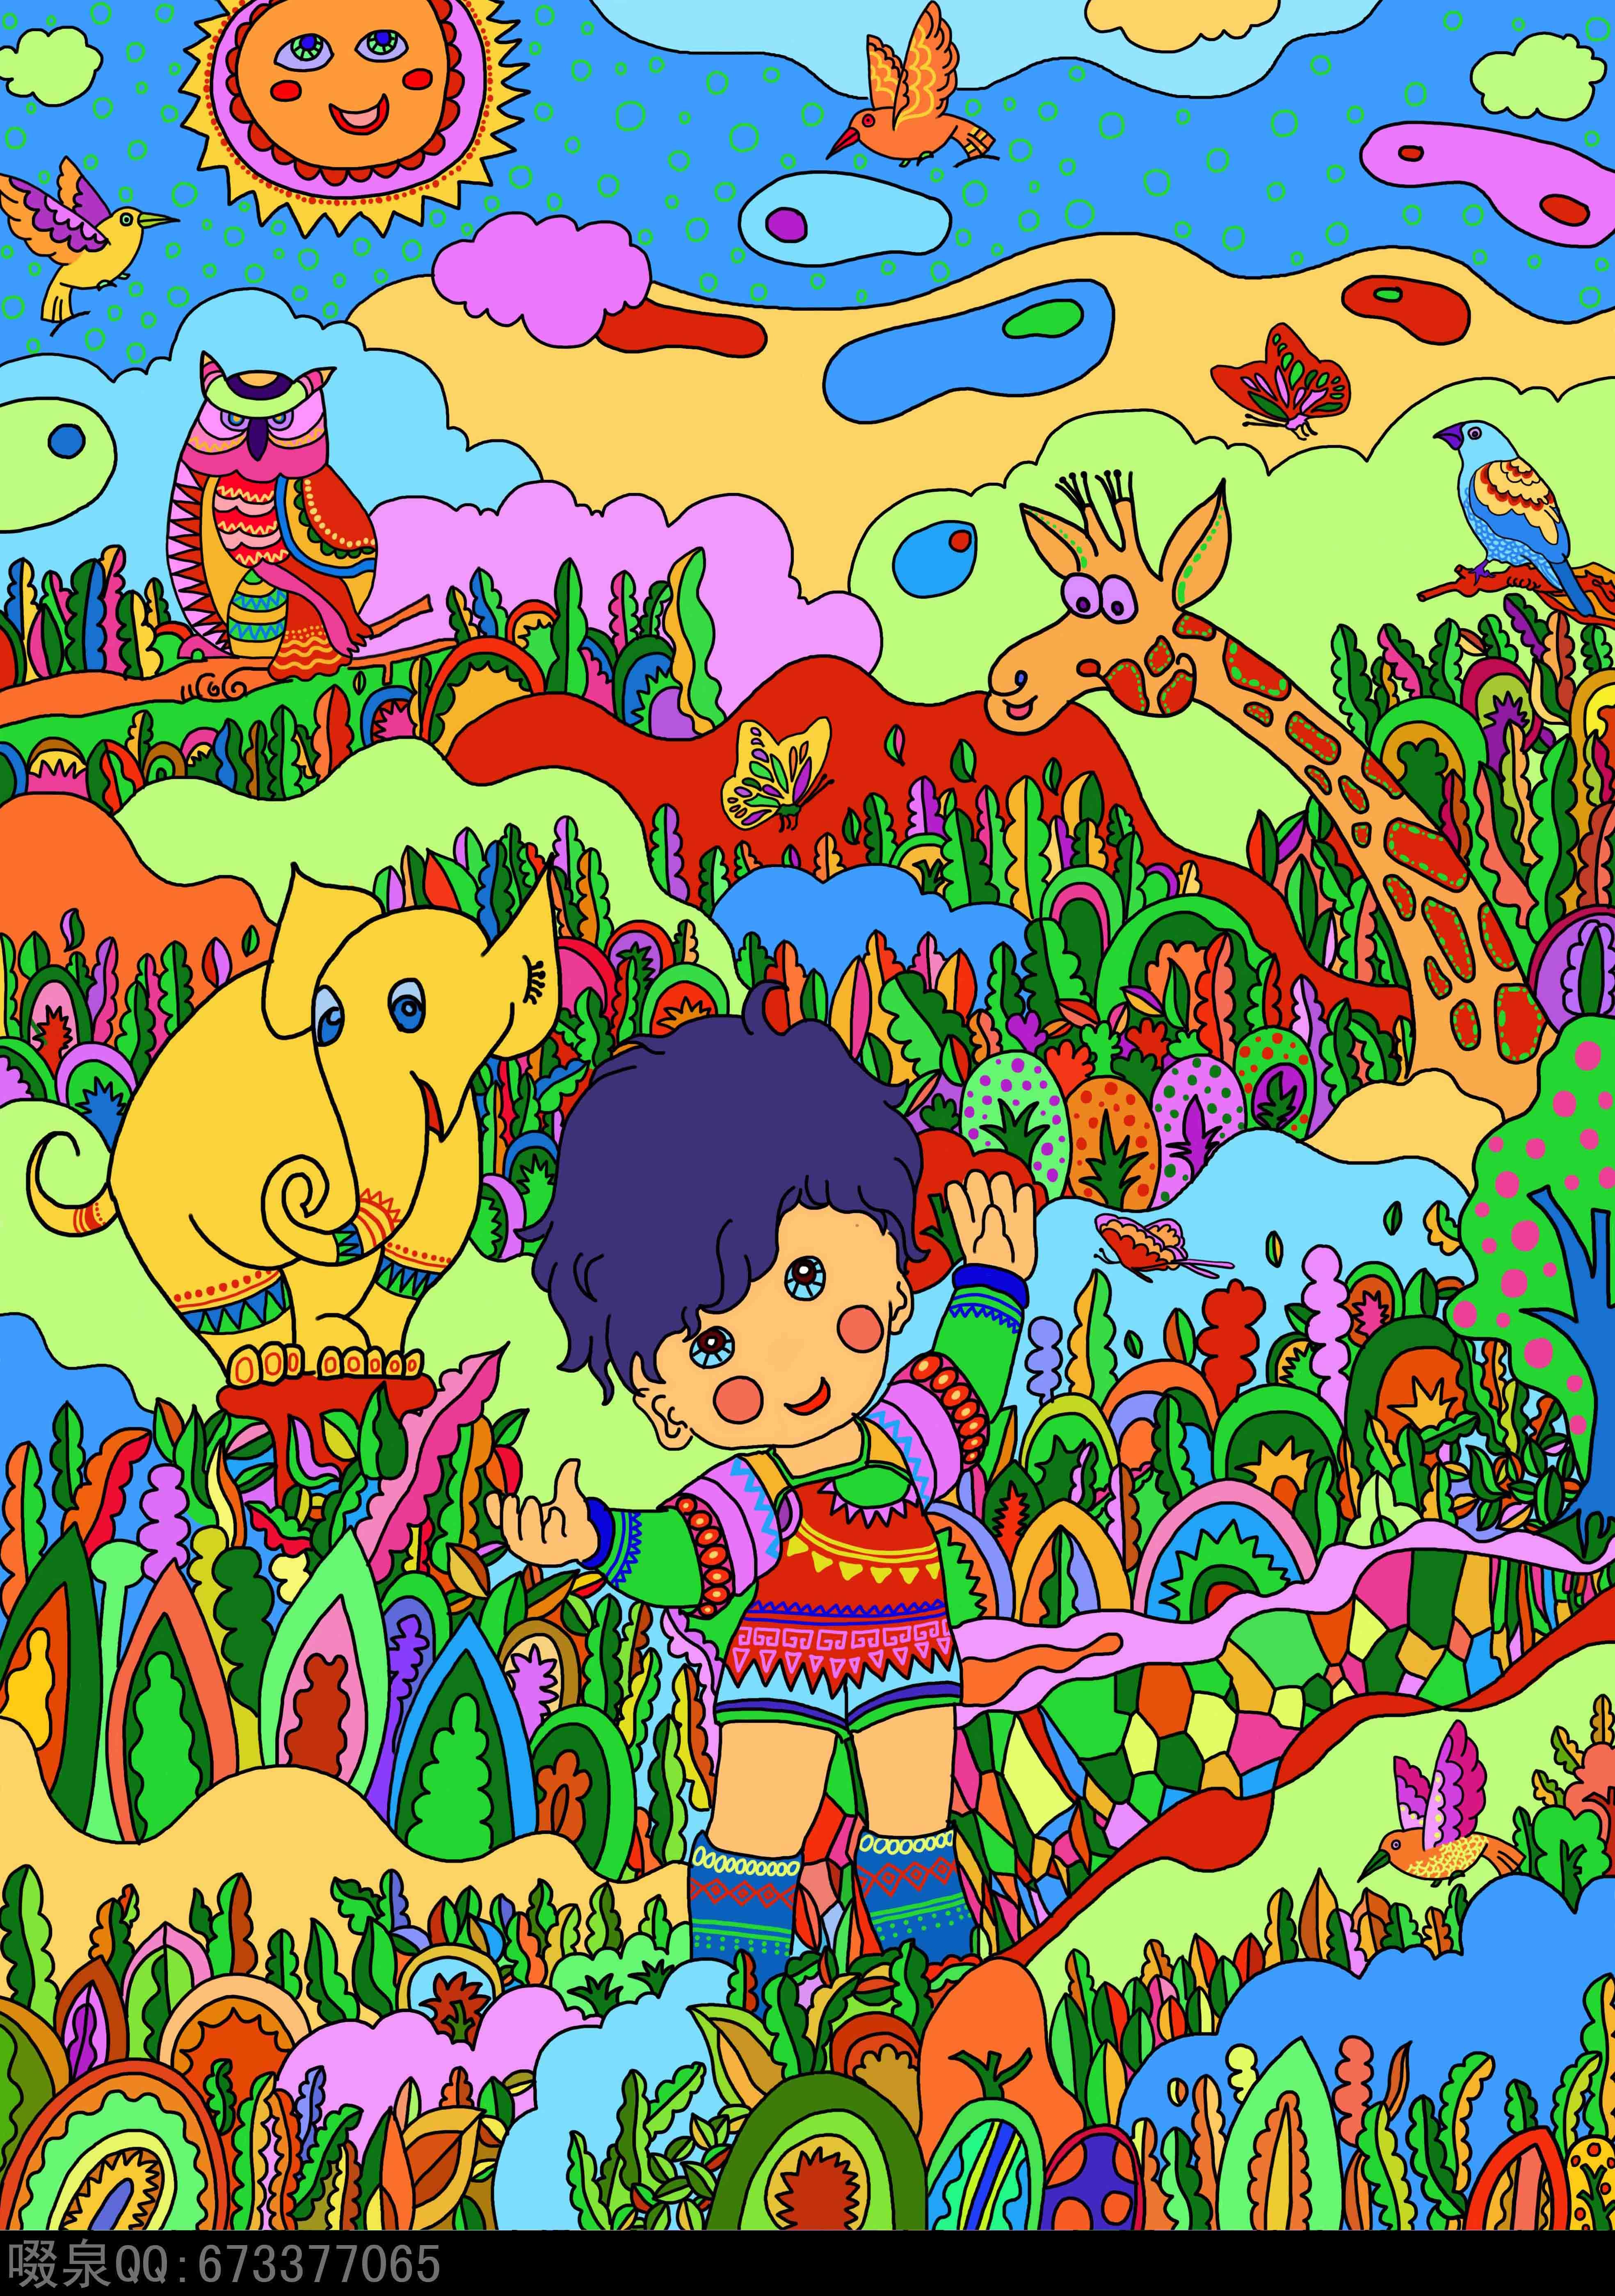 我的原创插画 第三季|插画|其他插画|啜泉 - 原创作品图片